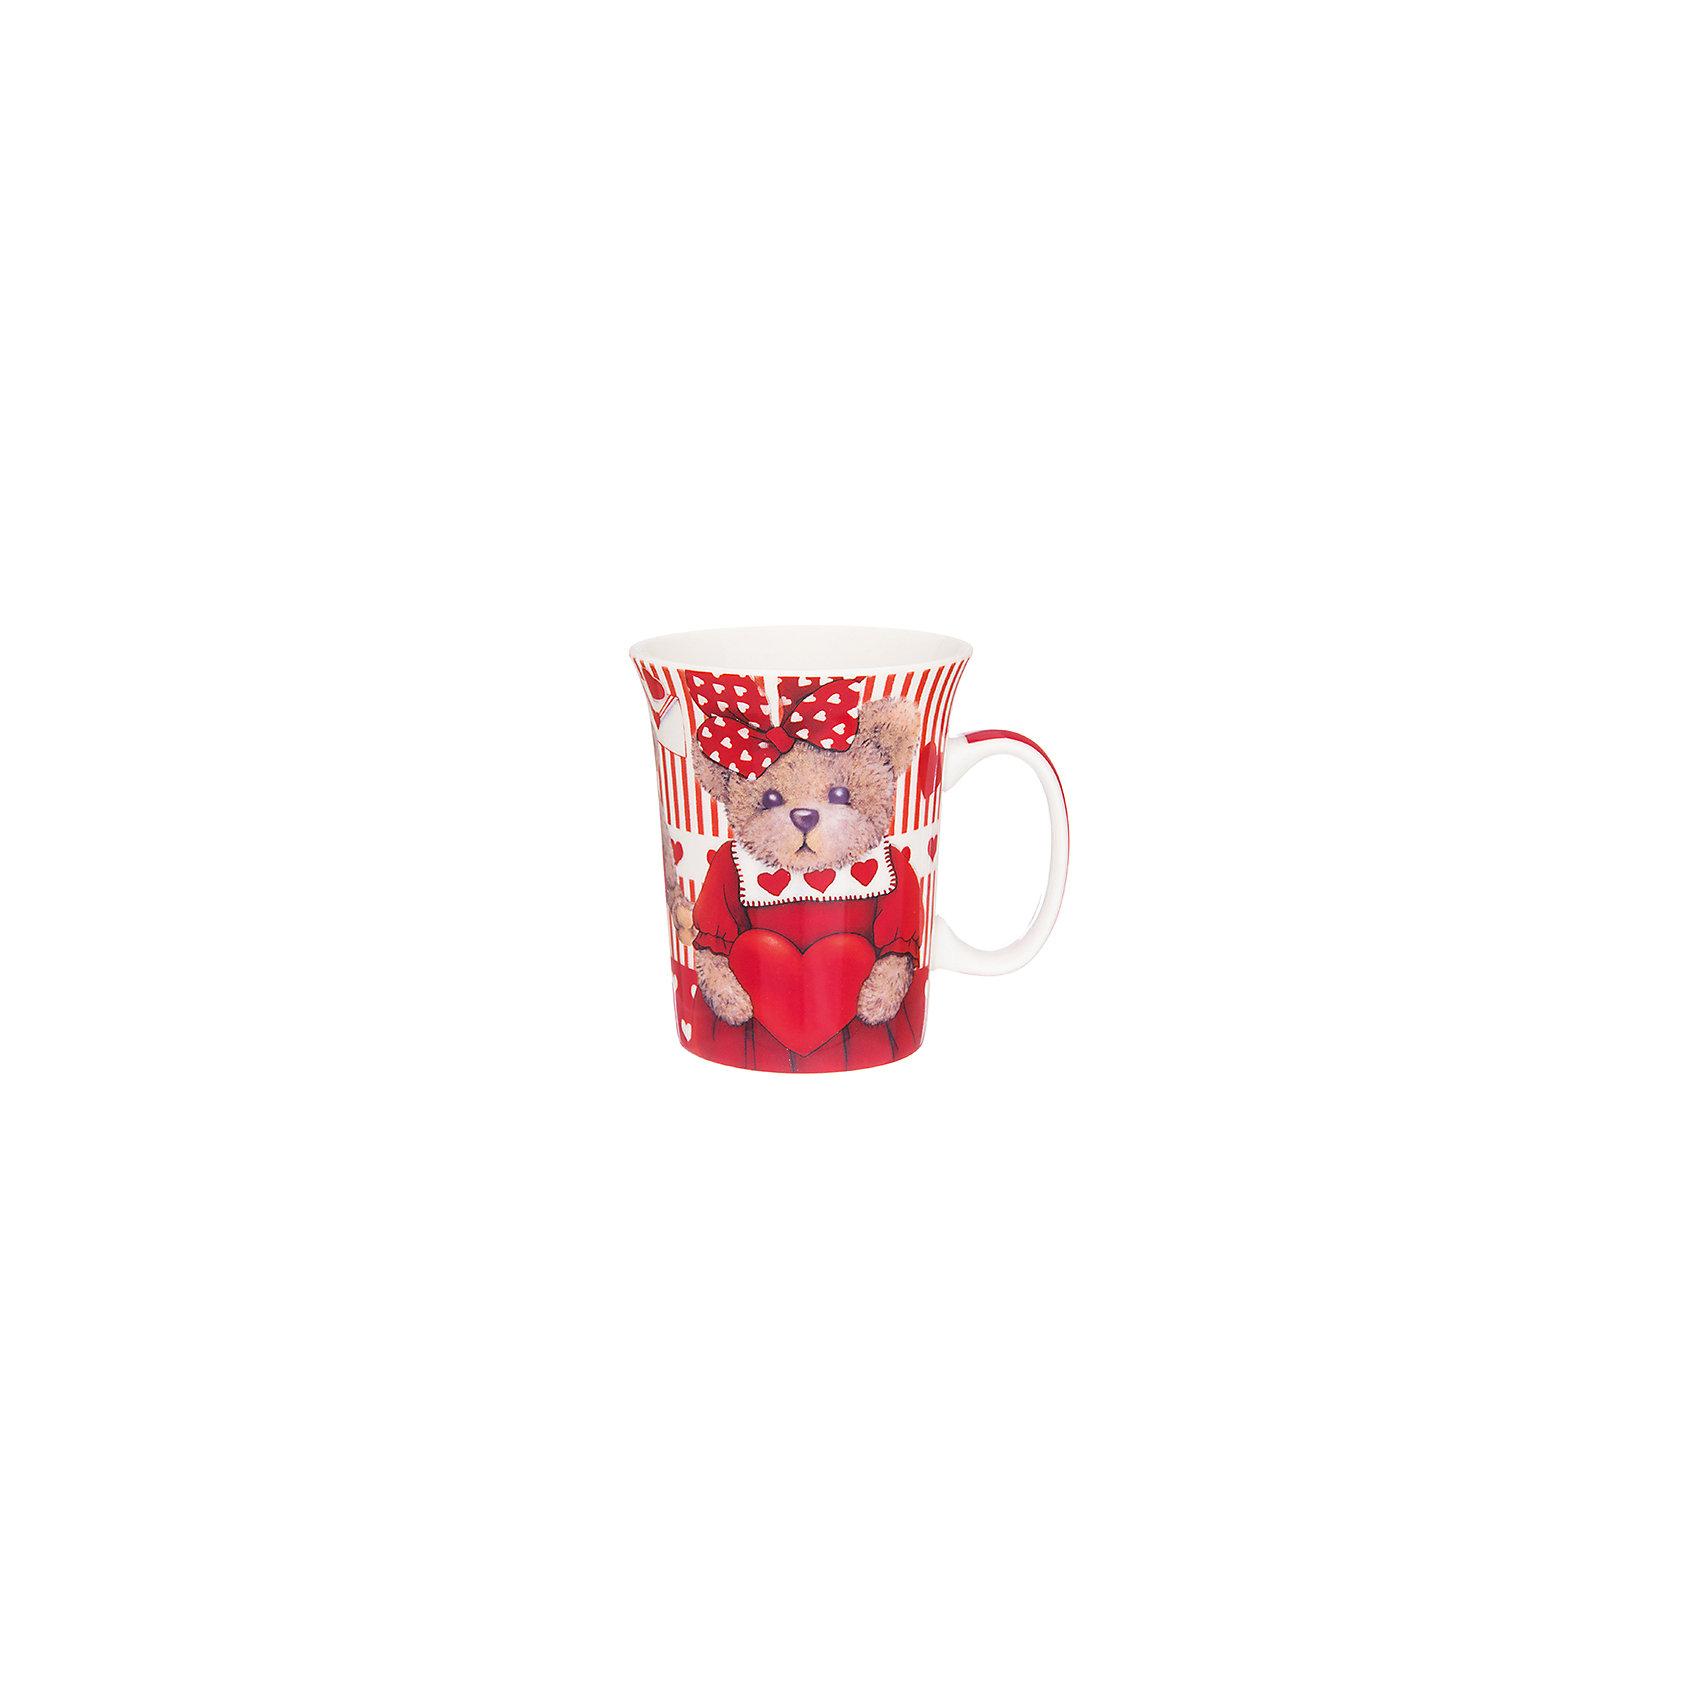 Кружка 300 мл Мишка с сердечками, Elan GalleryПосуда<br>Кружка 300 мл  Elan Gallery 11,5*8,5*10 см. Мишка с сердечками, Elan Gallery Кружка классической формы объемом 300 мл с удобной ручкой. Подходят для любых горячих и холодных напитков, чая, кофе, какао. Изделие имеет подарочную упаковку, поэтому станет желанным подарком для любимого человека и друга!<br><br>Ширина мм: 100<br>Глубина мм: 105<br>Высота мм: 110<br>Вес г: 300<br>Возраст от месяцев: 0<br>Возраст до месяцев: 1188<br>Пол: Унисекс<br>Возраст: Детский<br>SKU: 6668908